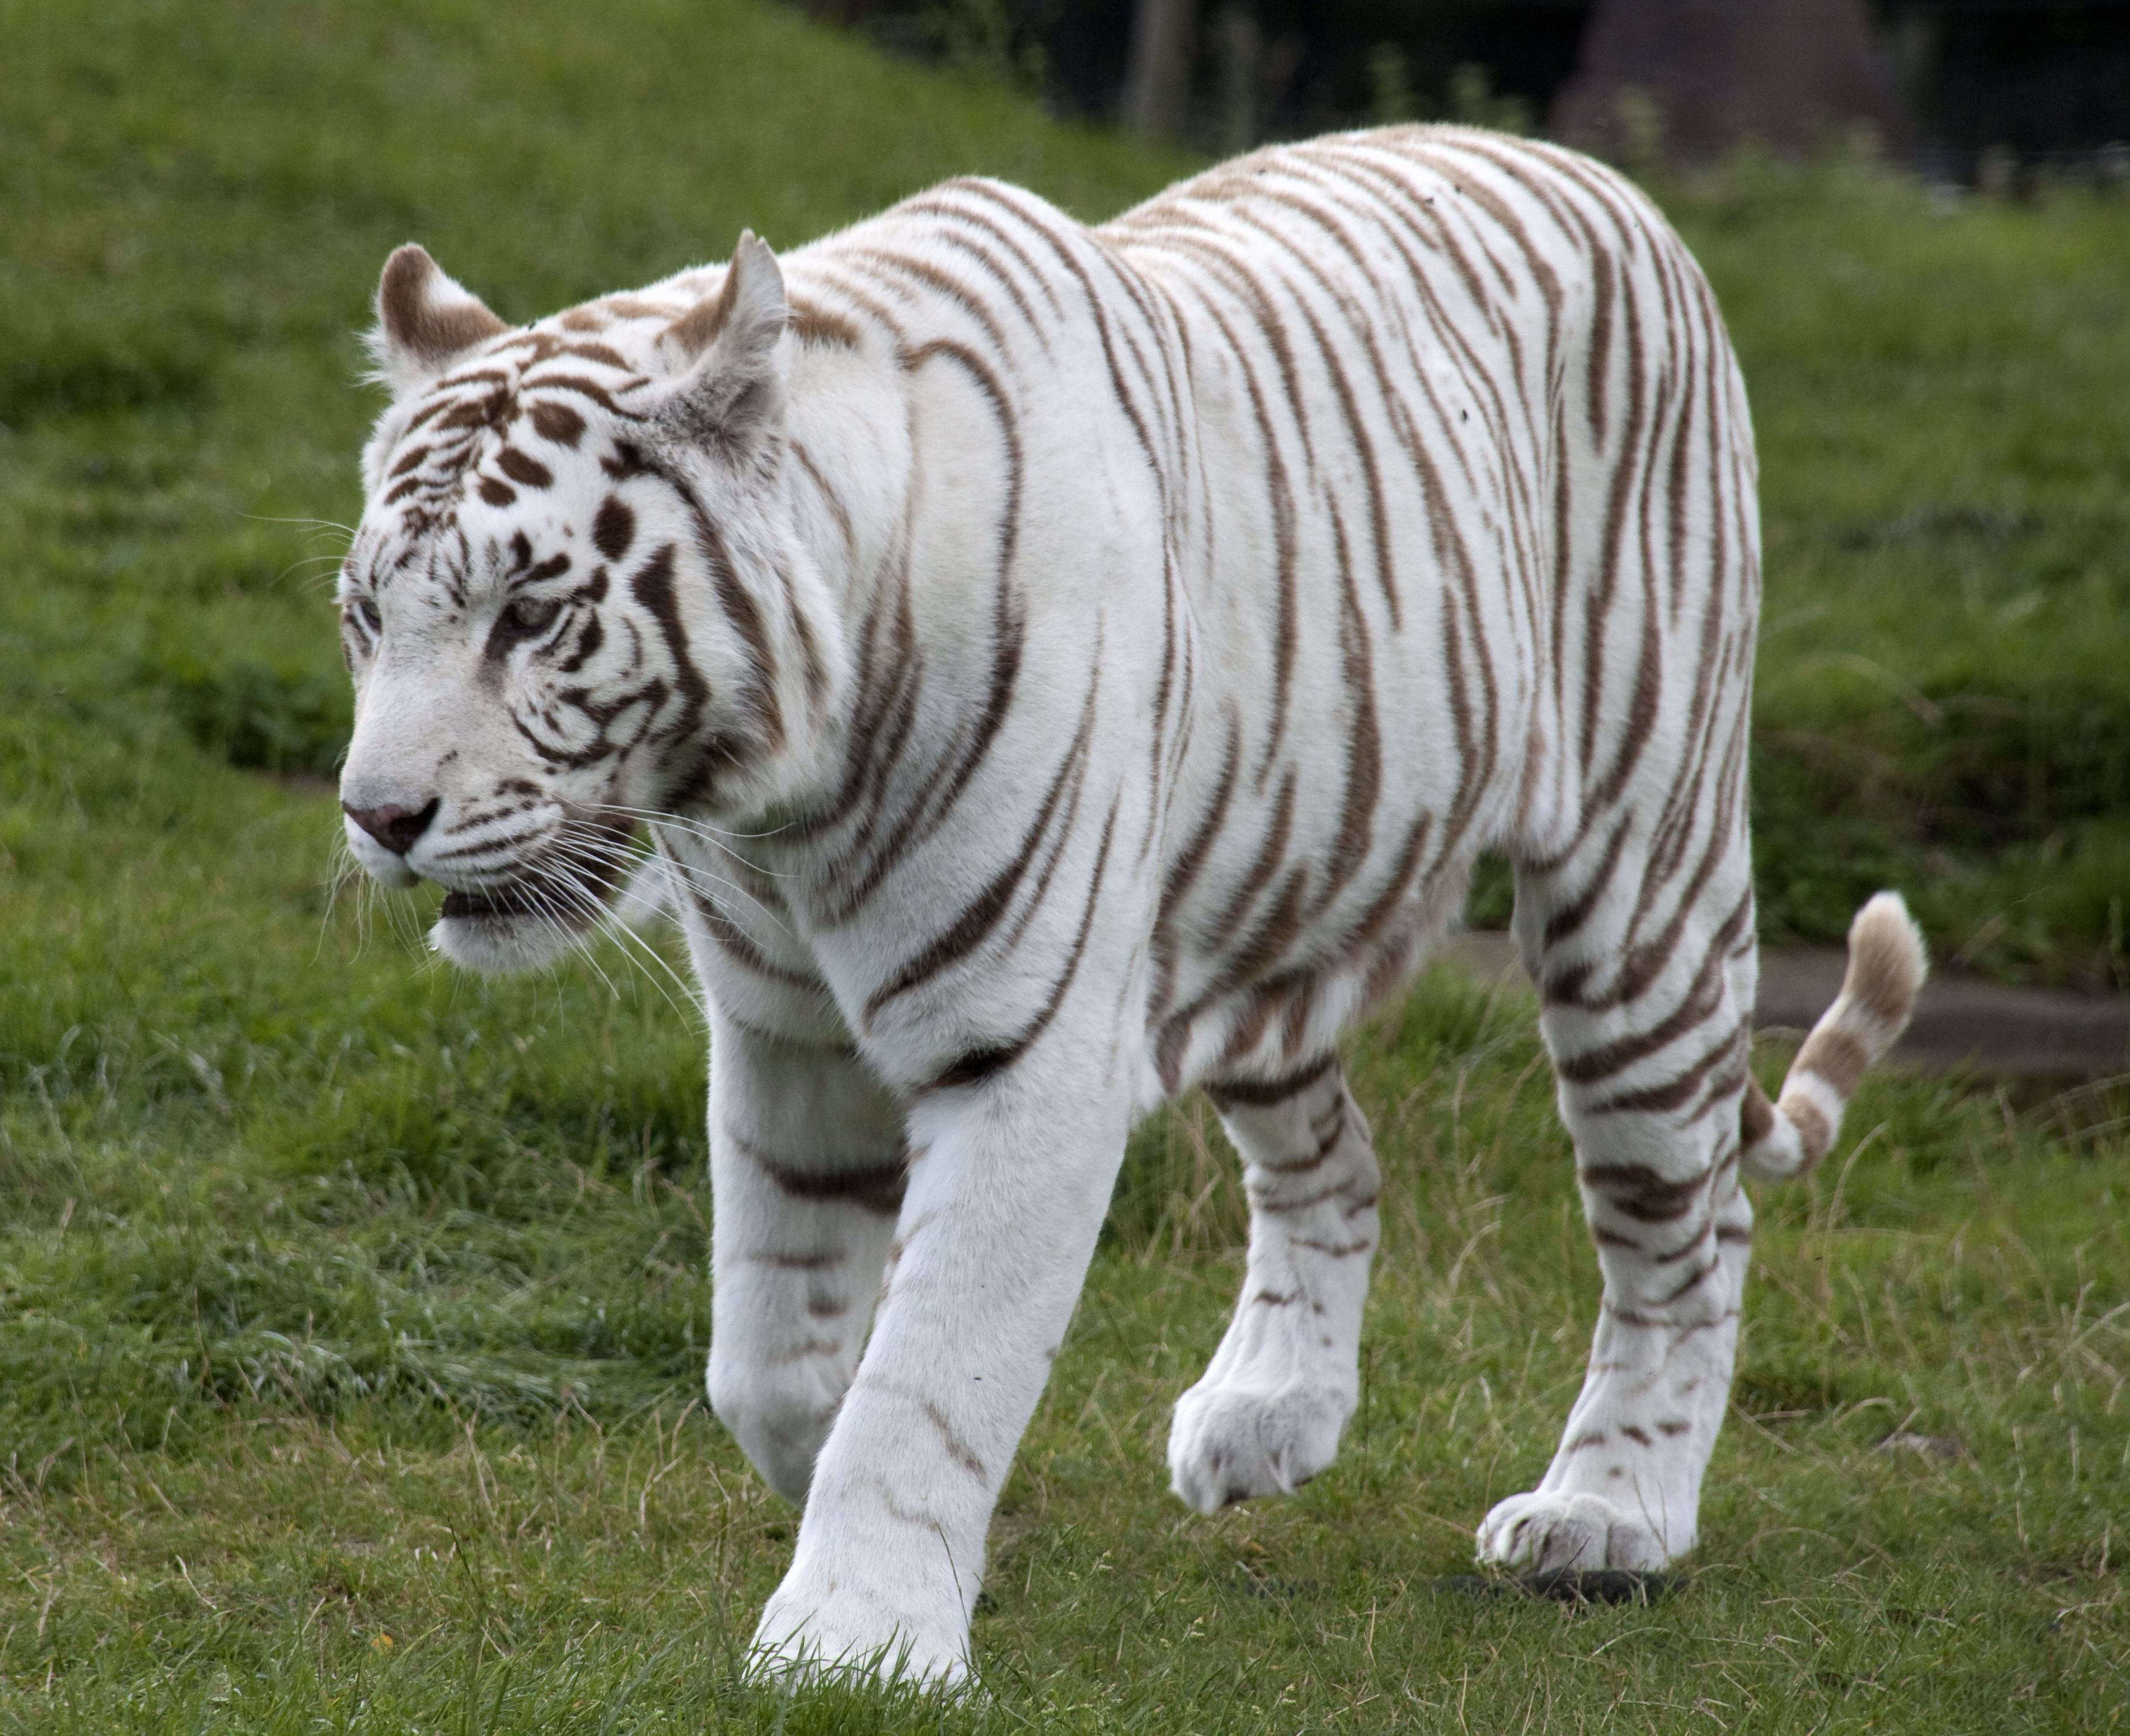 White tiger Wikipedia, the free encyclopedia White